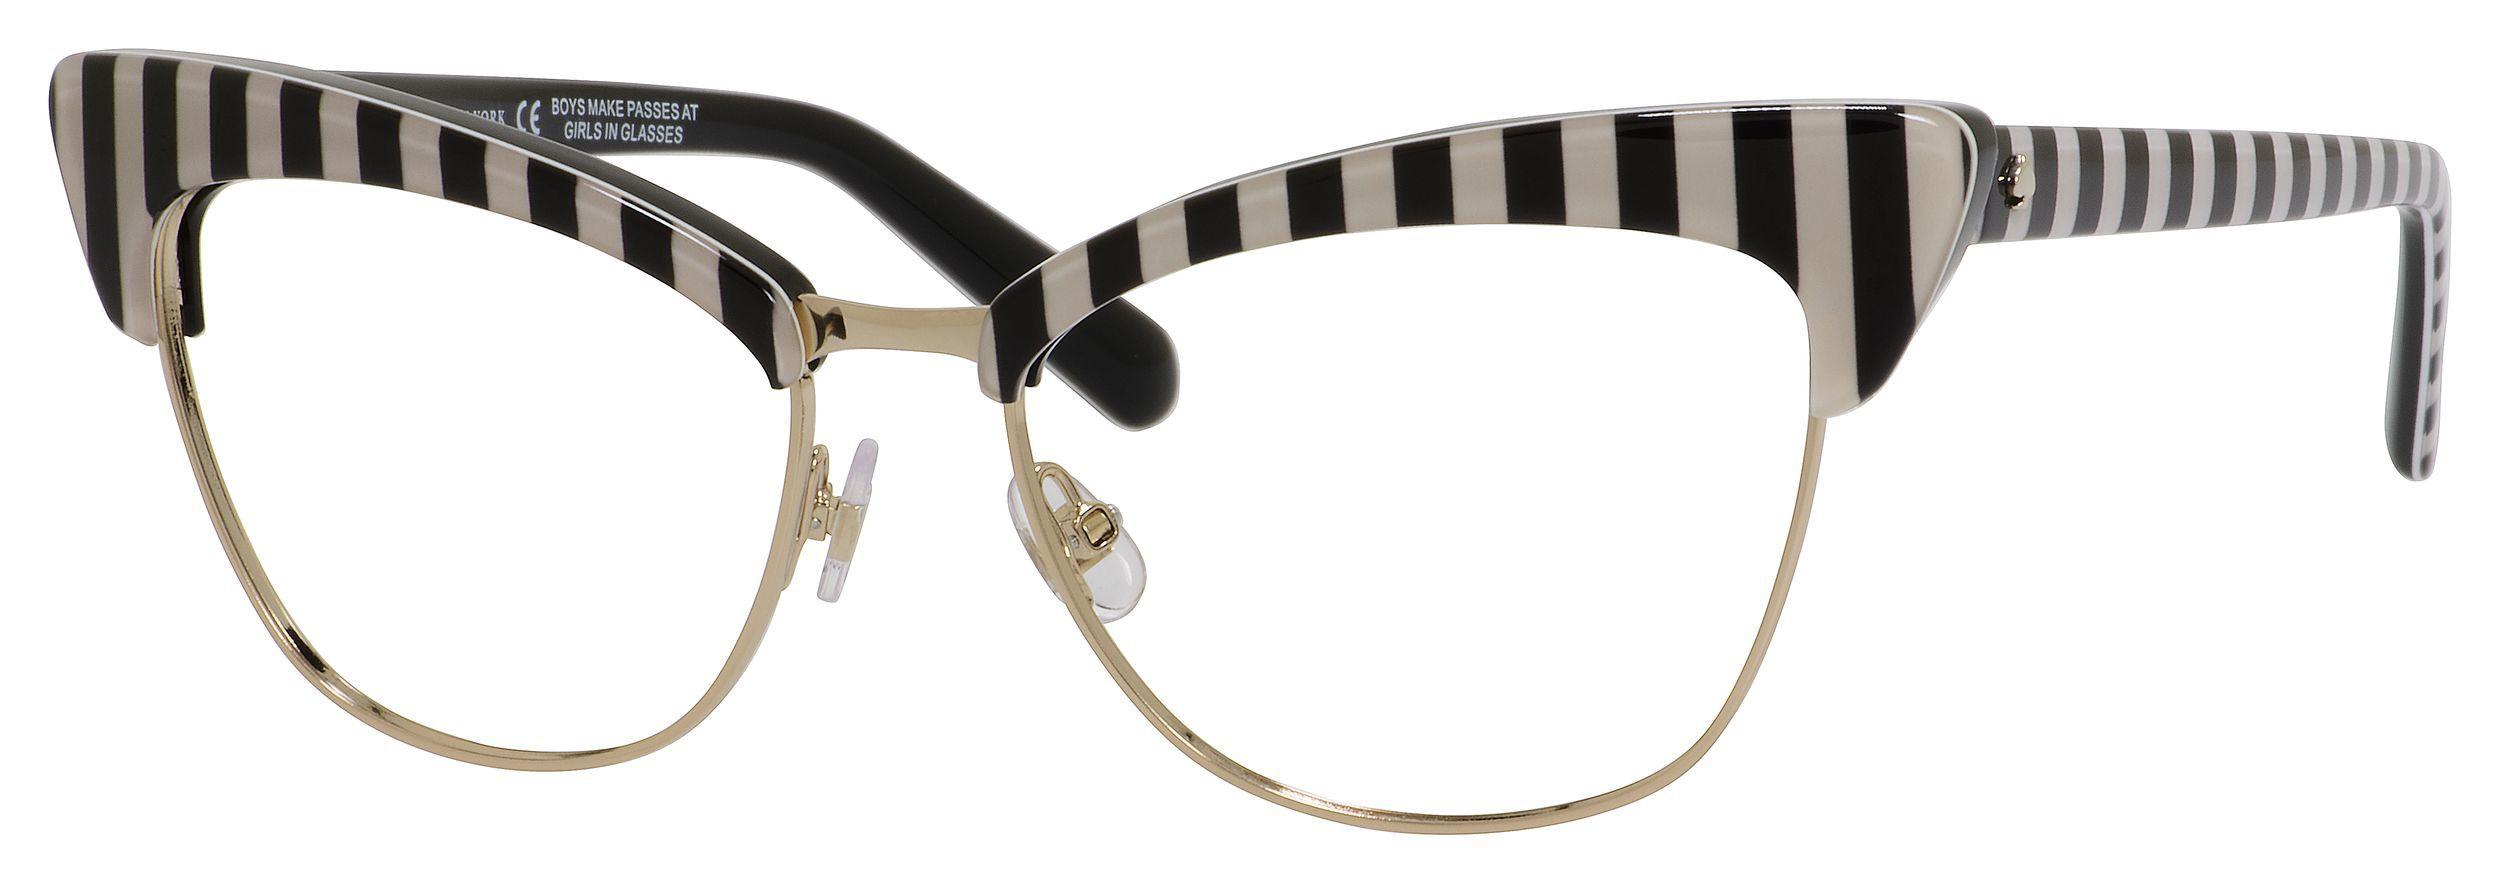 Custom Made Eyeglass Frames New York : Buy designer eyeglasses in Milton, Ontario